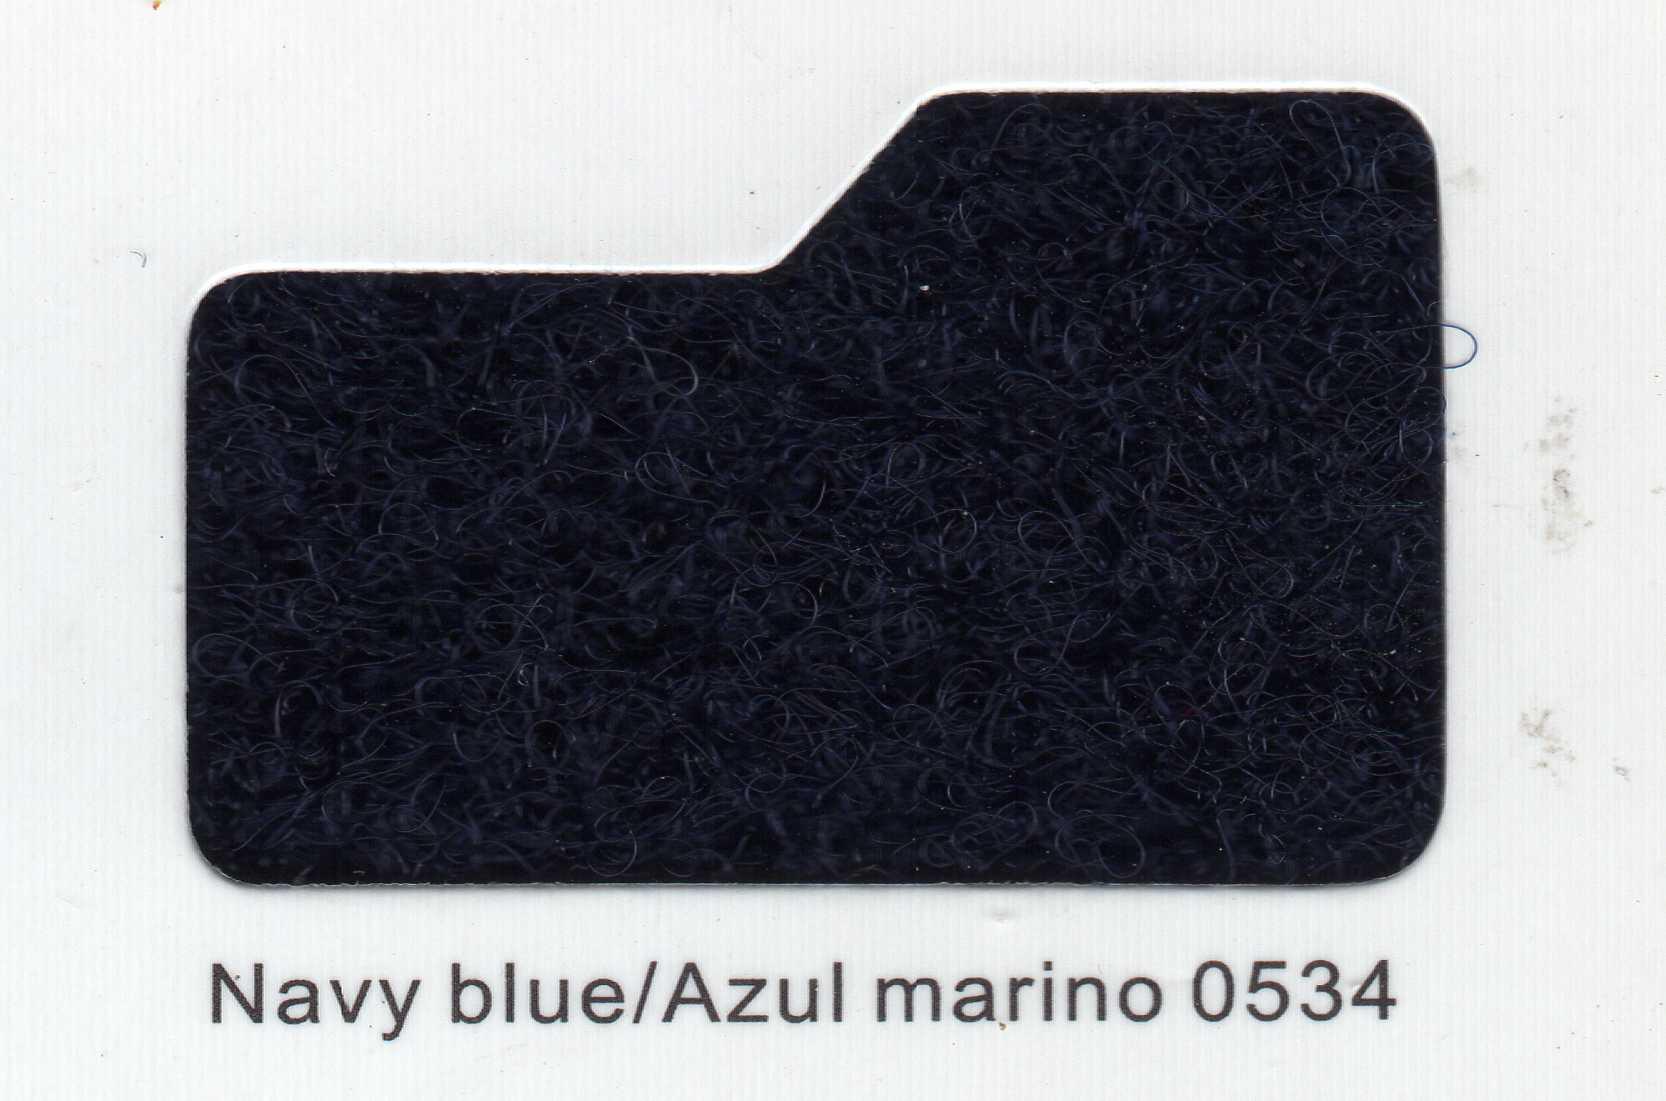 Cinta de cierre Velcro-Veraco 38mm Azul Marino 0534 (Gancho).